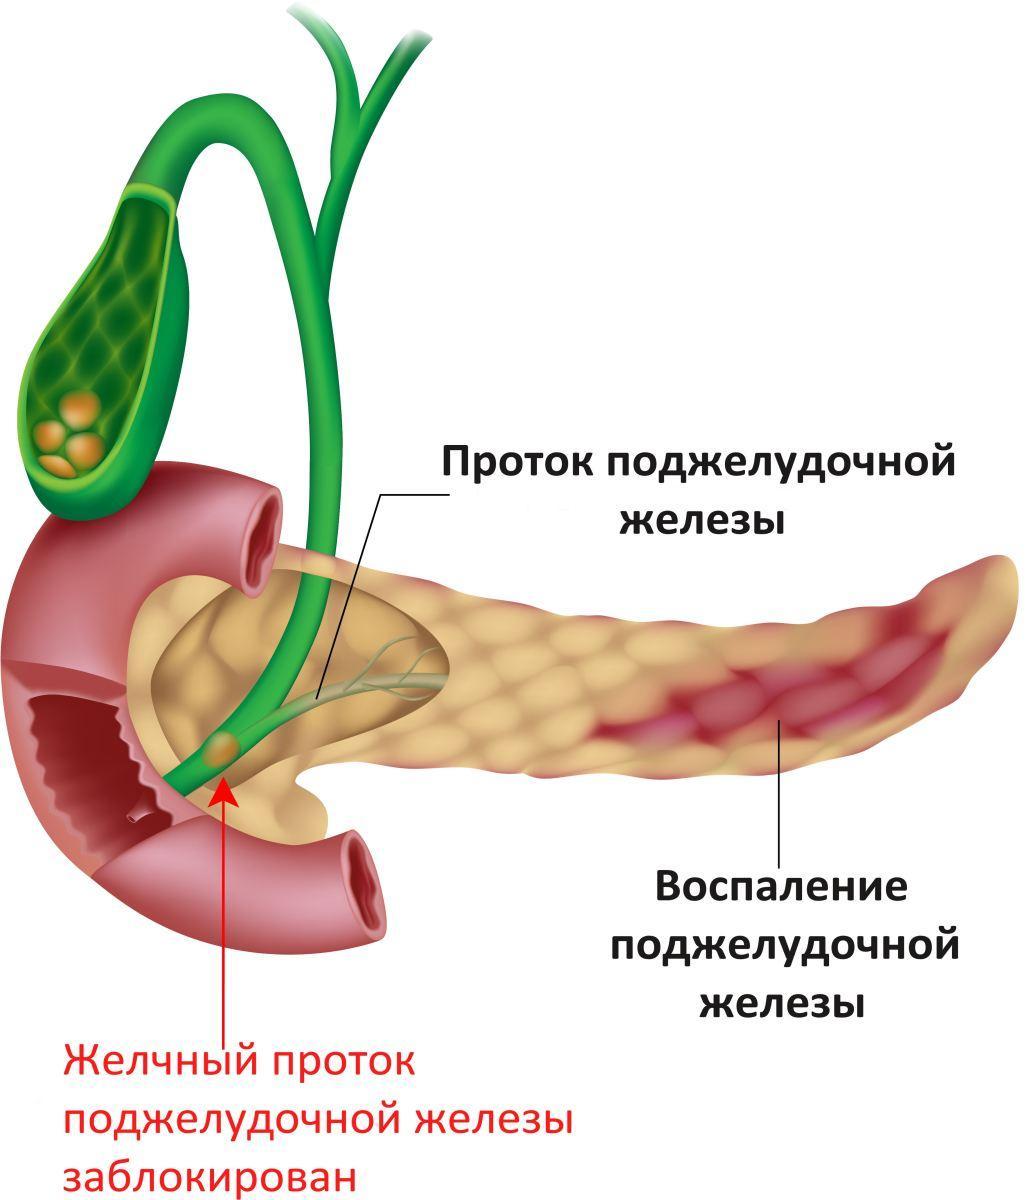 Диета при желчнокаменной болезни: правила, принципы и